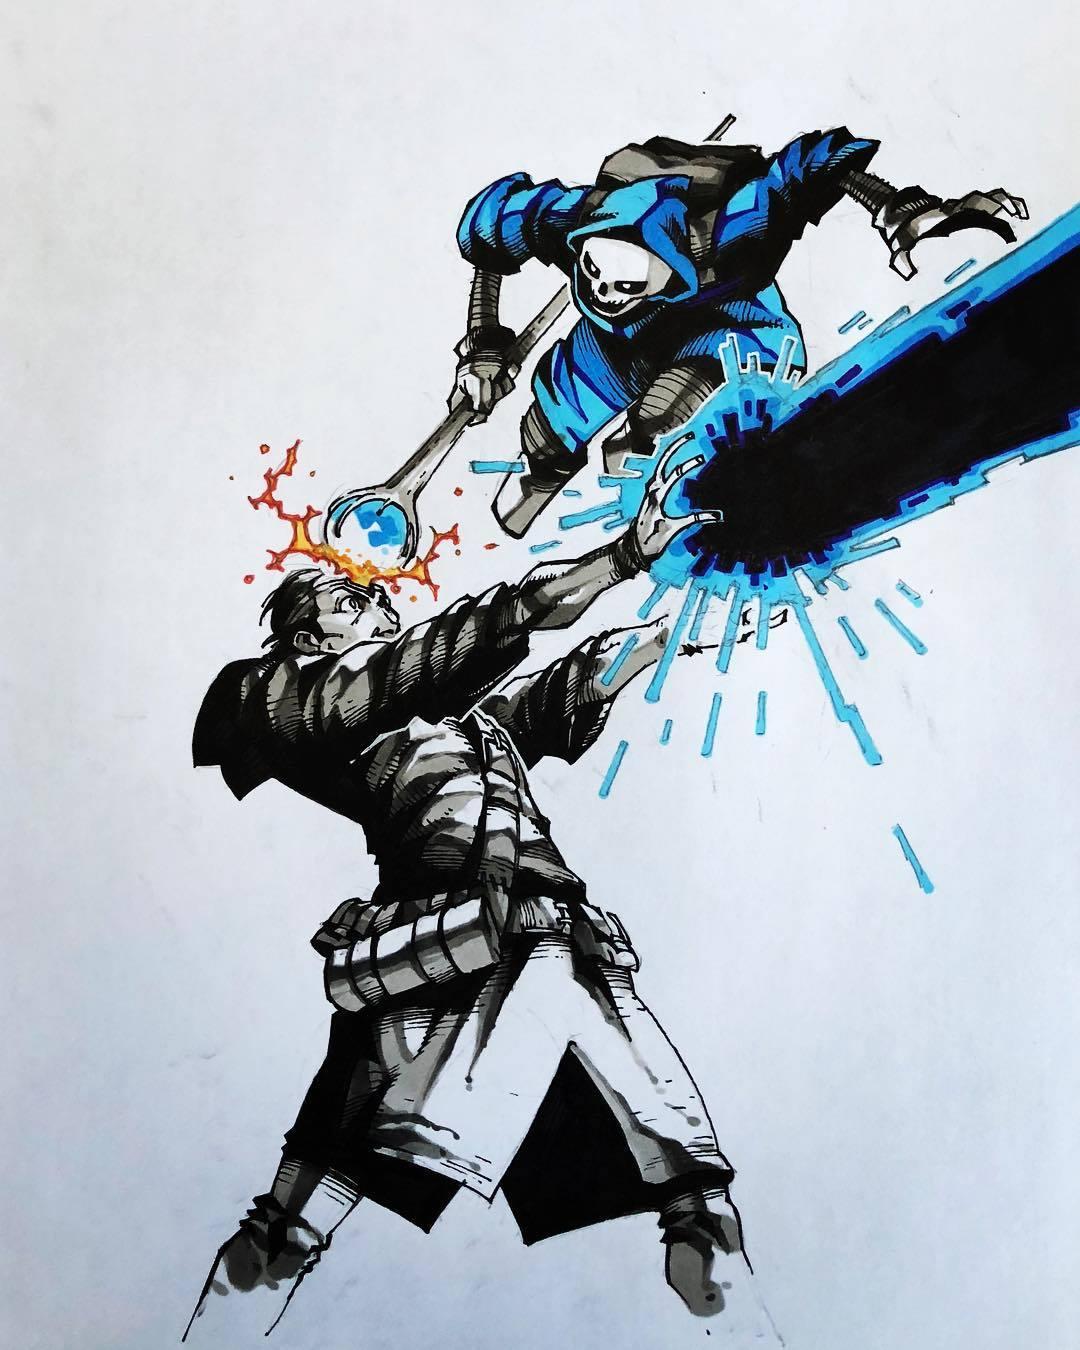 Похитители мечей. - Изображение 28